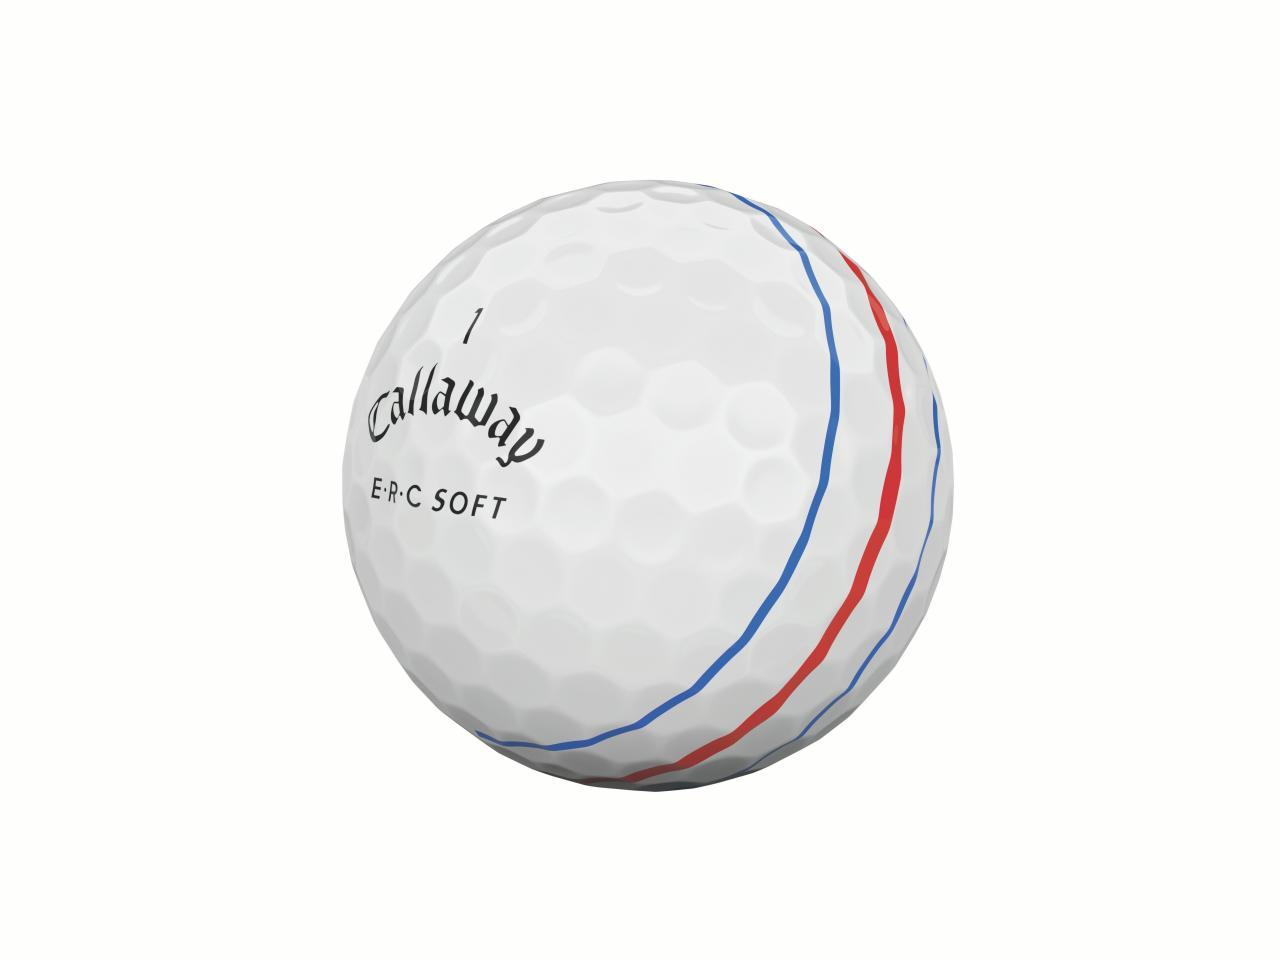 13++ Are callaway superhot golf balls legal ideas